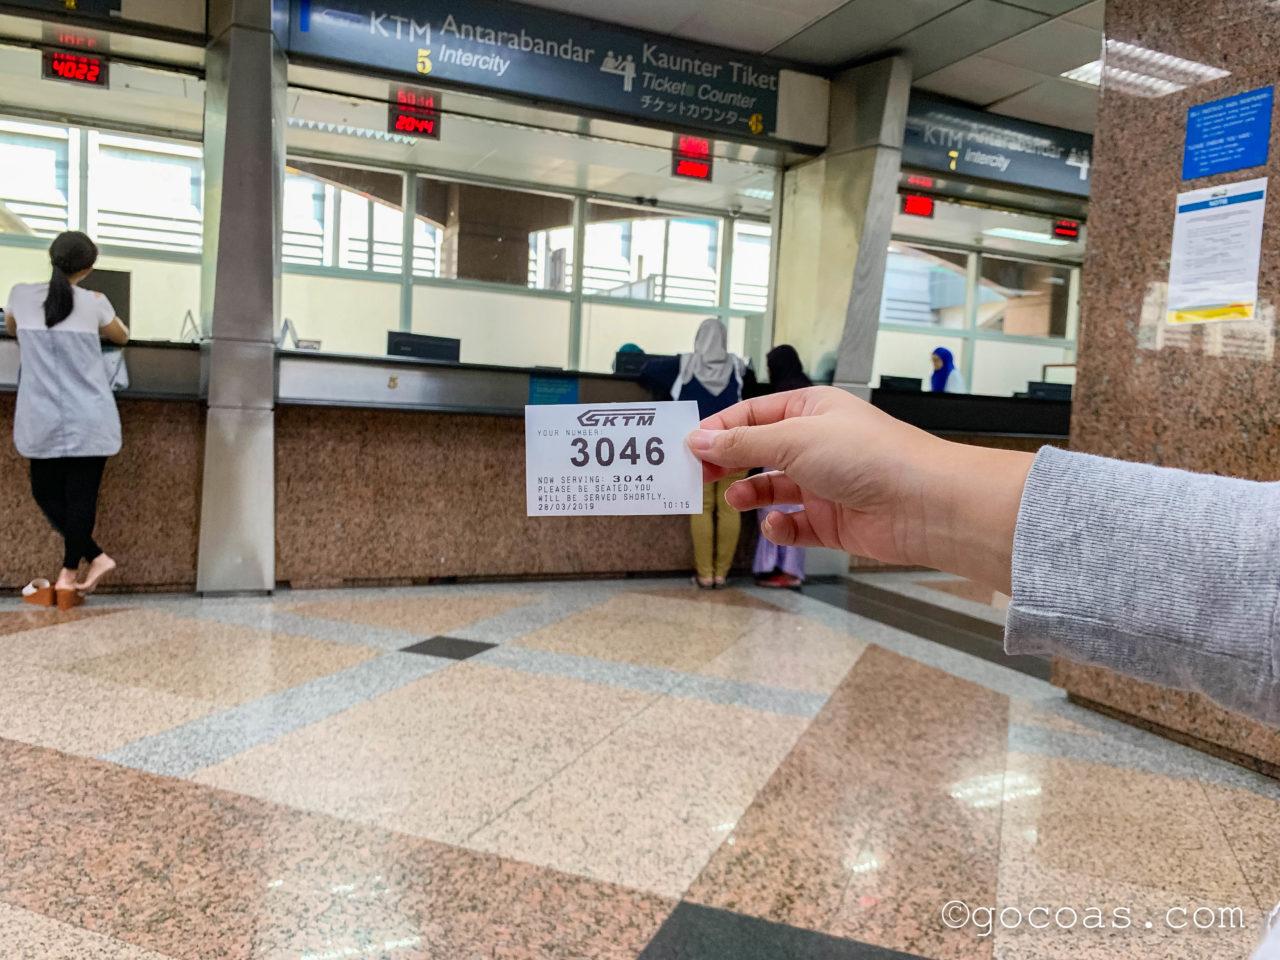 KLセントラル駅のKTMチケット売り場と番号札